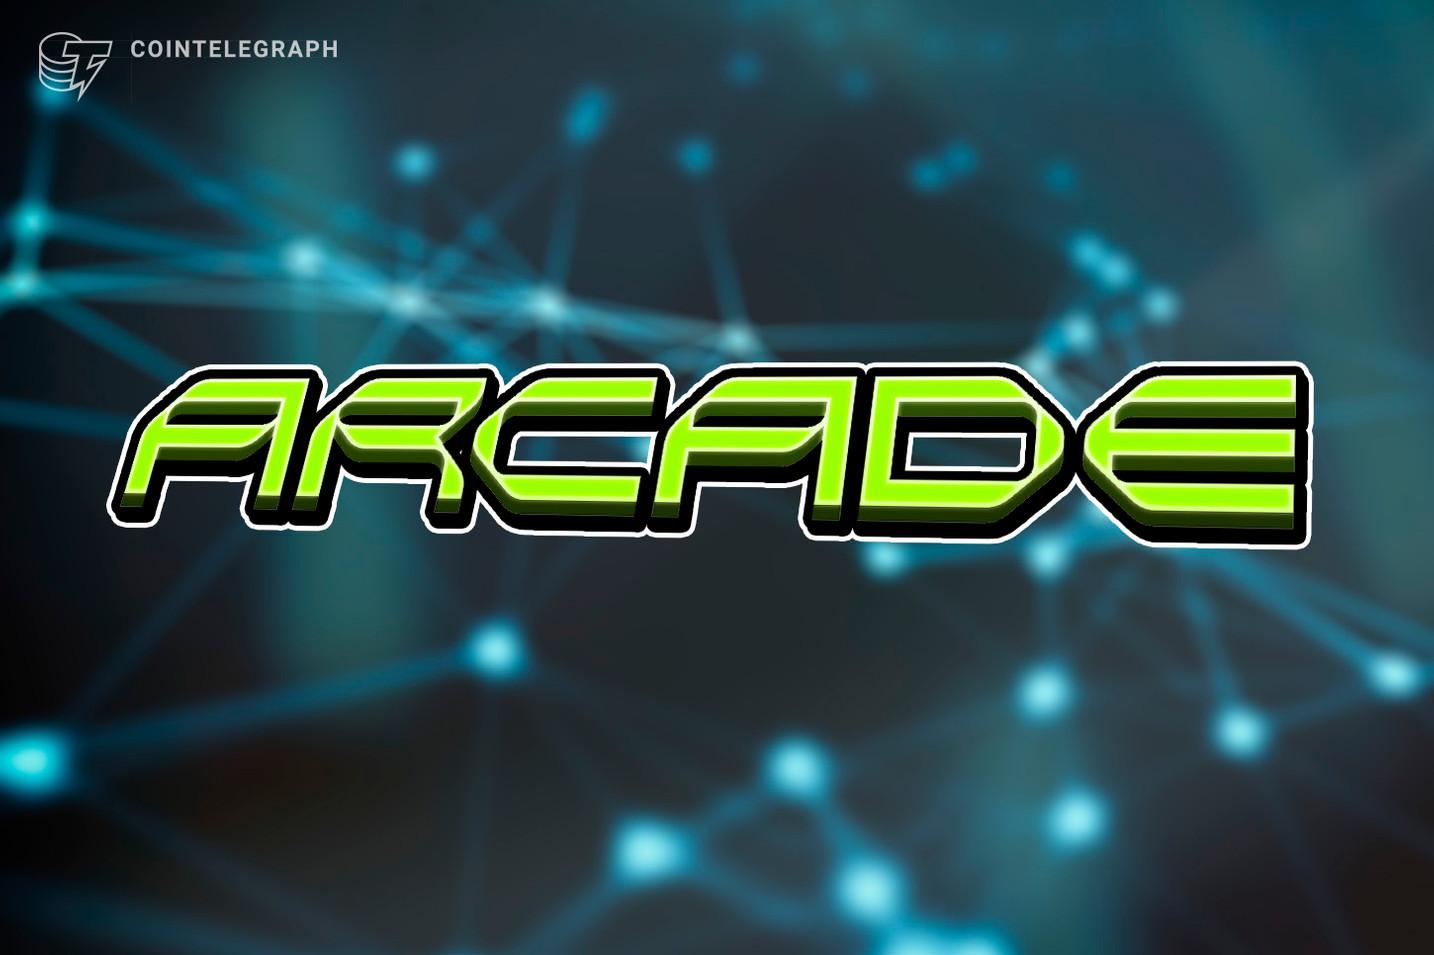 Arcade NFT drops Arcade Classics retro game 3D art